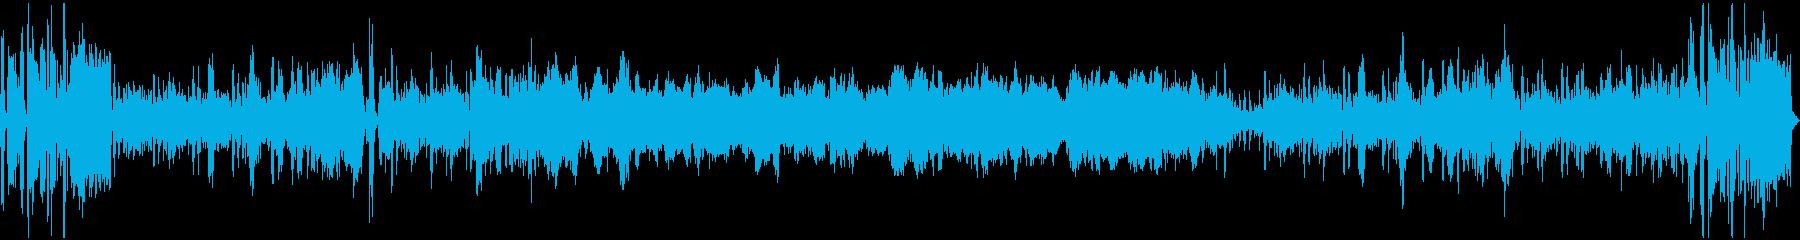 民族音楽・中近東+インド+中国+西洋の再生済みの波形